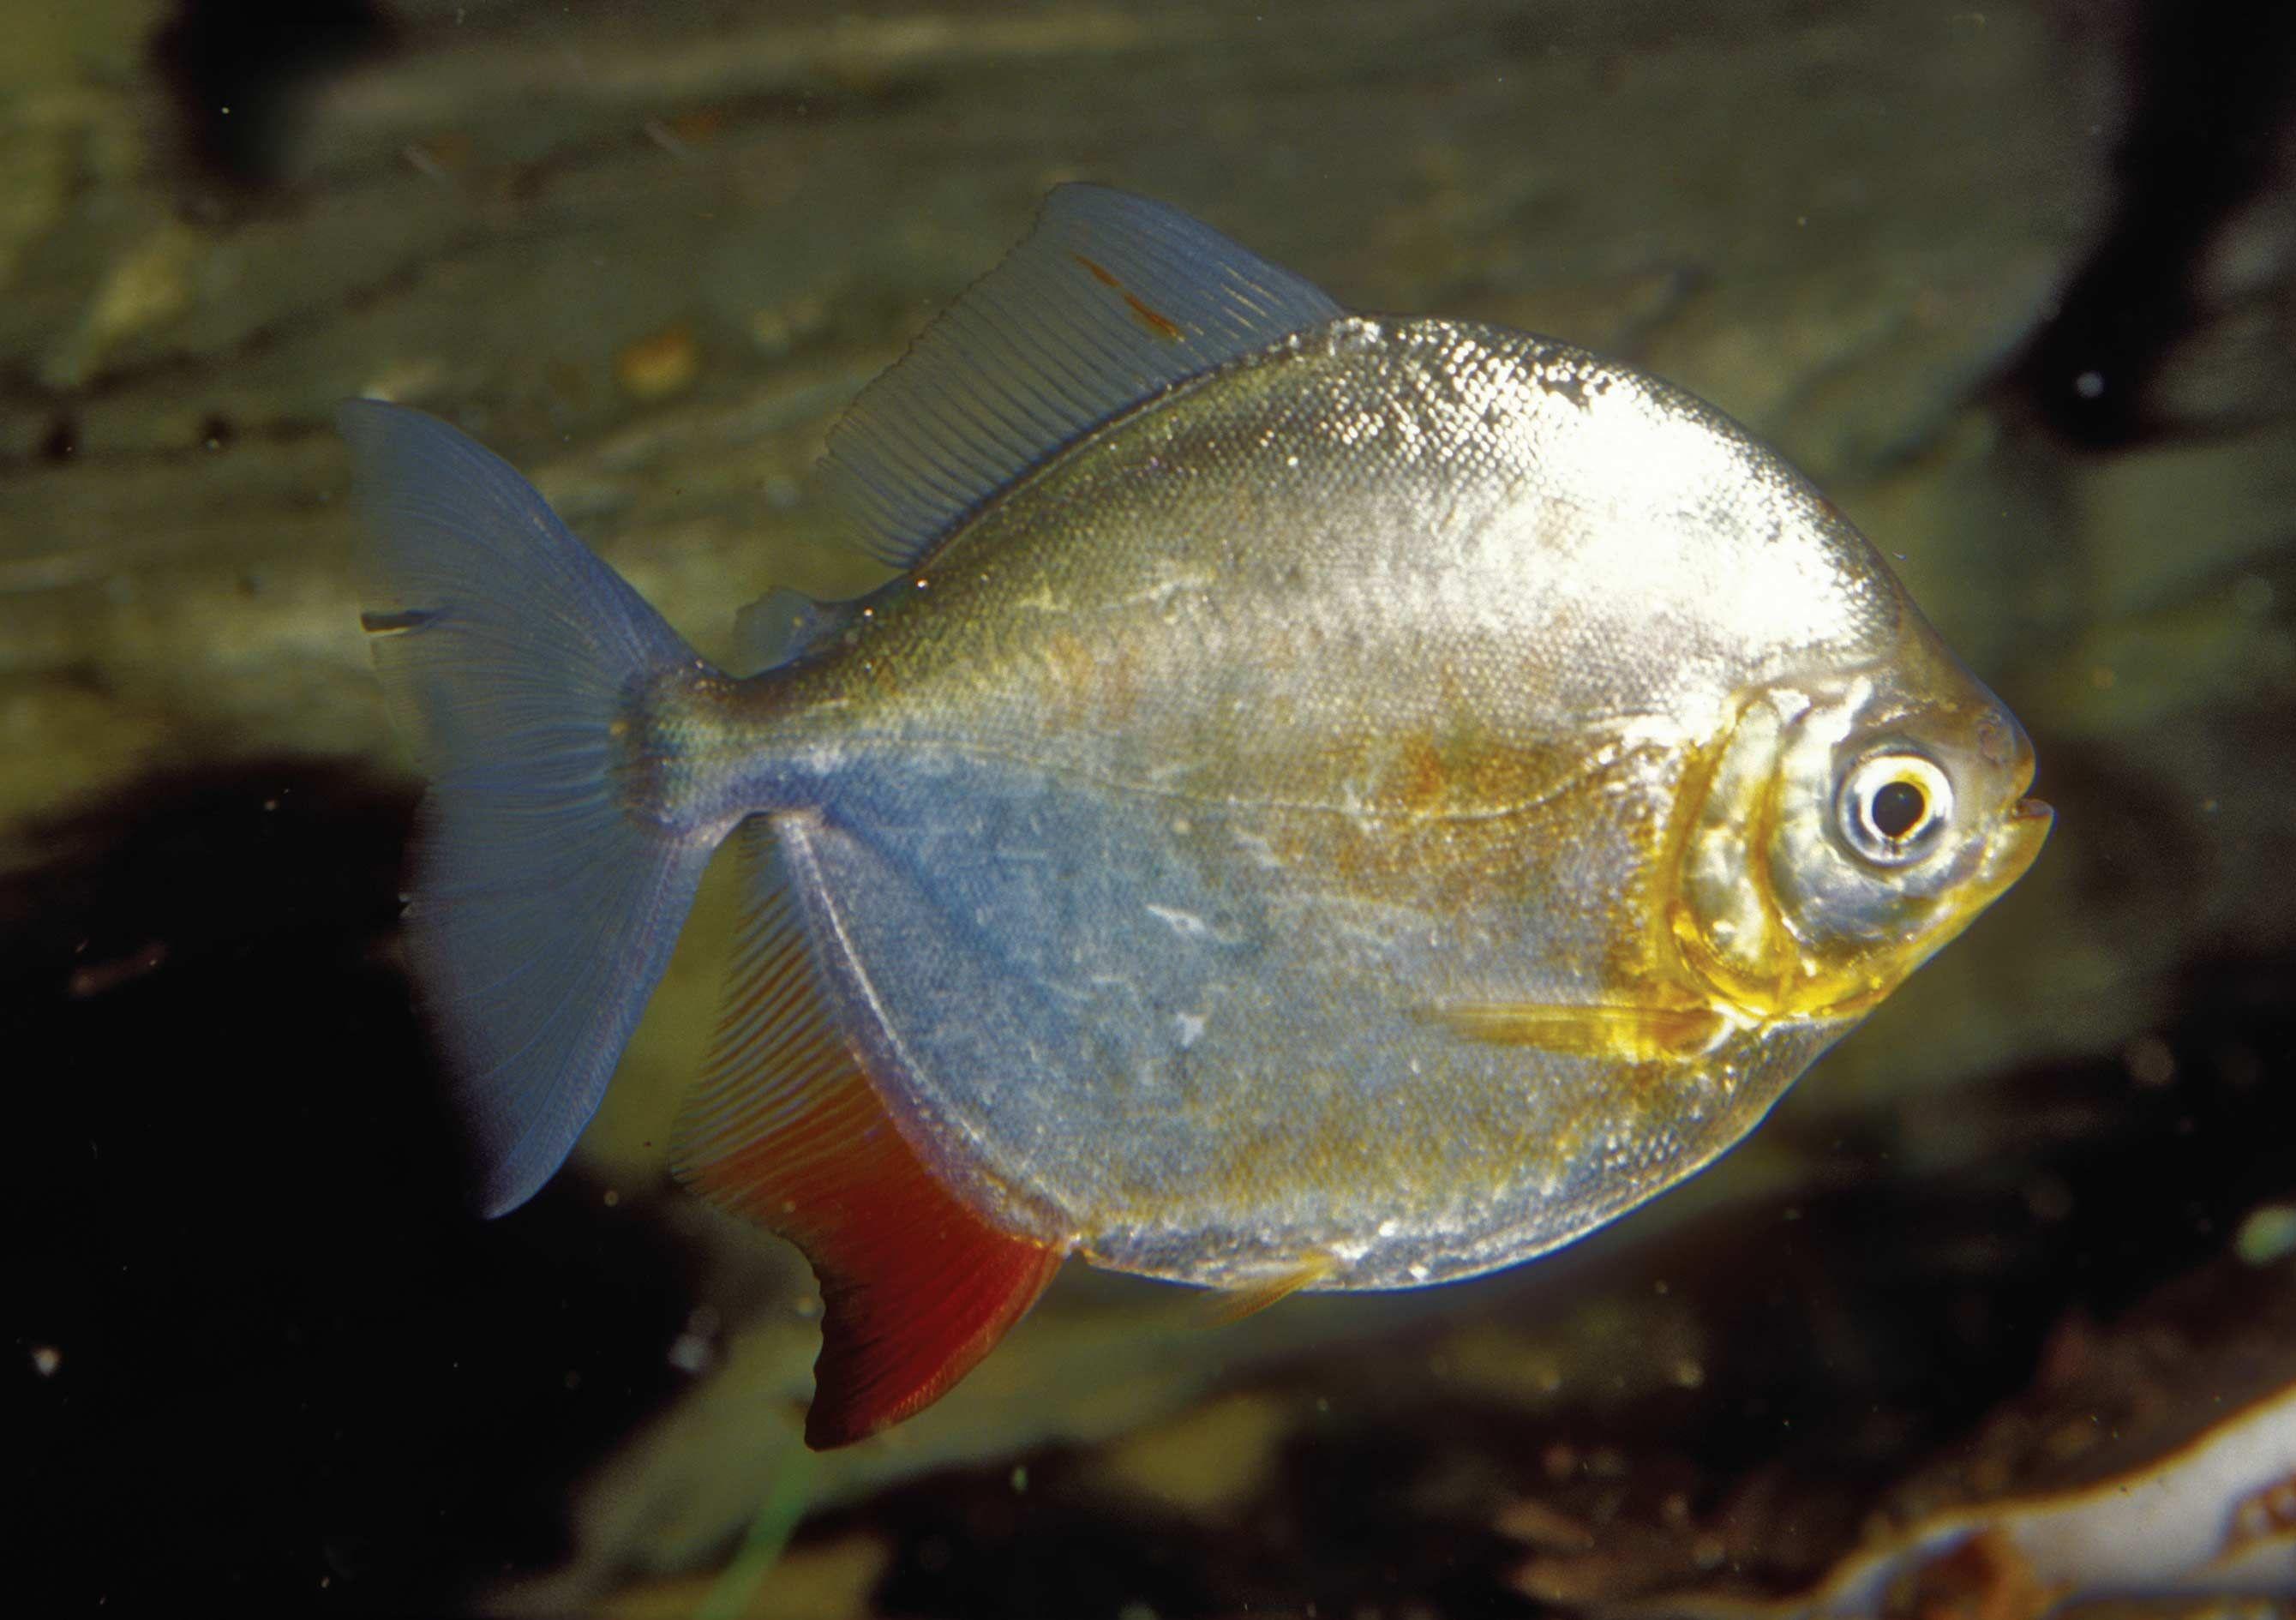 دلار نقره ای Jpg 2679 1890 Fish Pet Pets Water Life